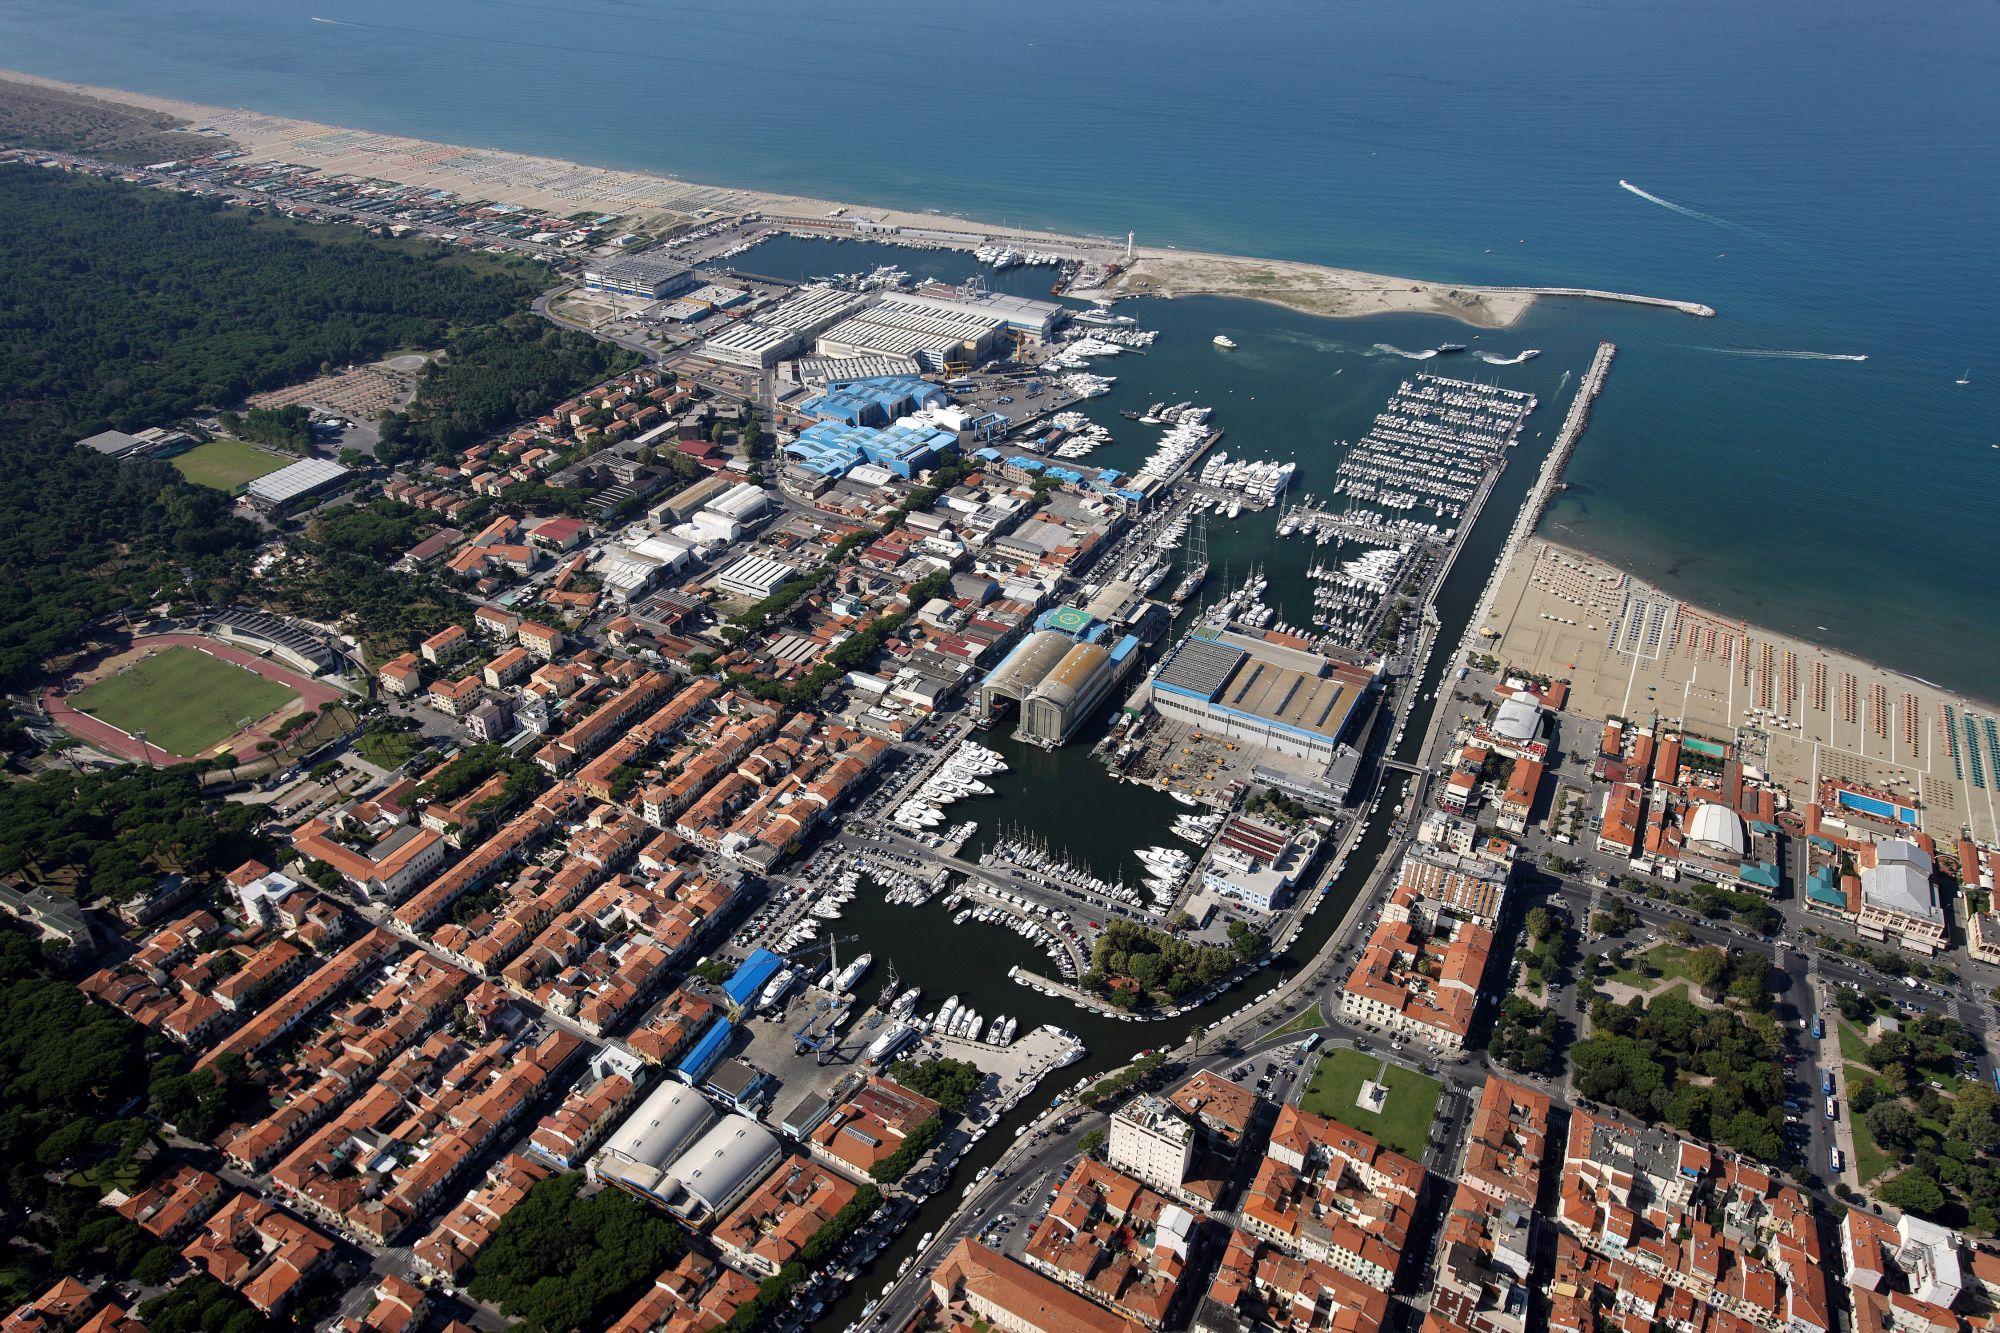 Autorità portuale regionale, approvato il Piano delle attività